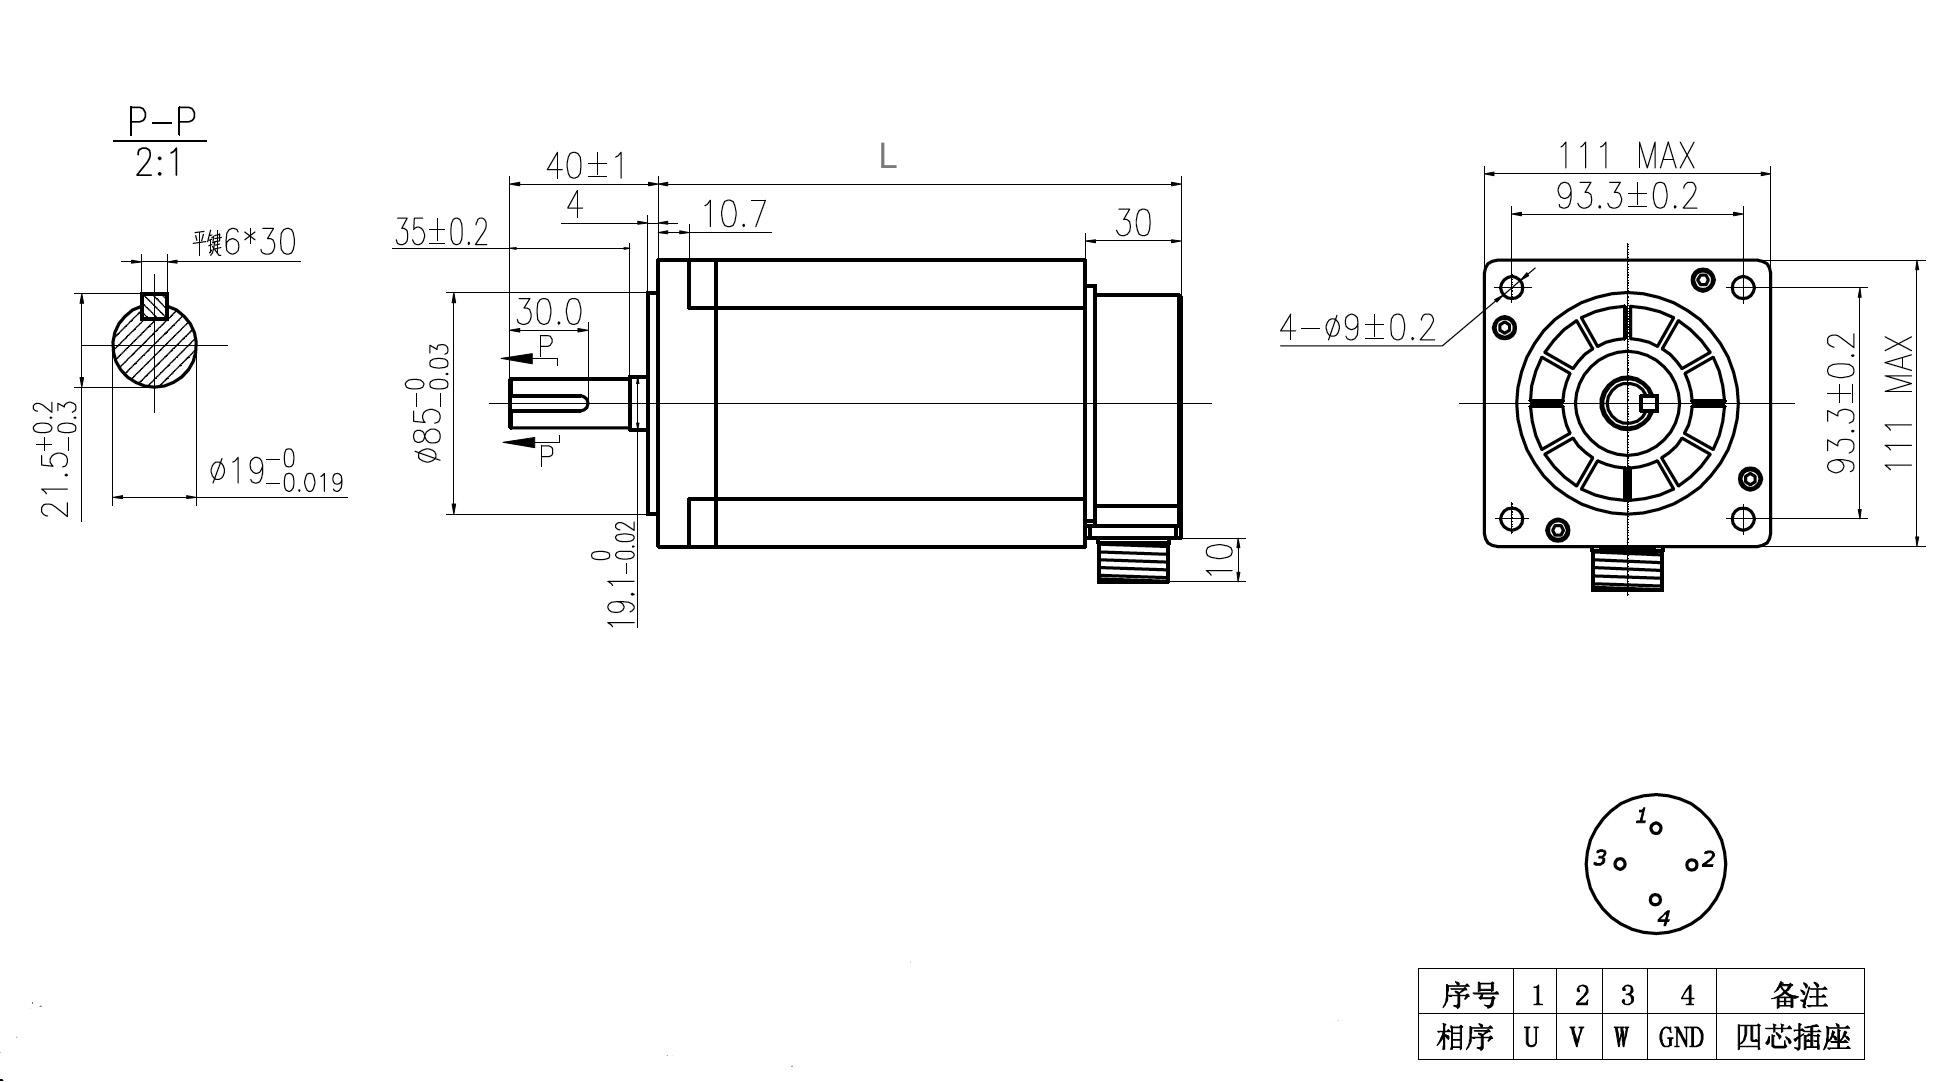 6F3086BB-5908-465C-A077-D02EB9FCDF09